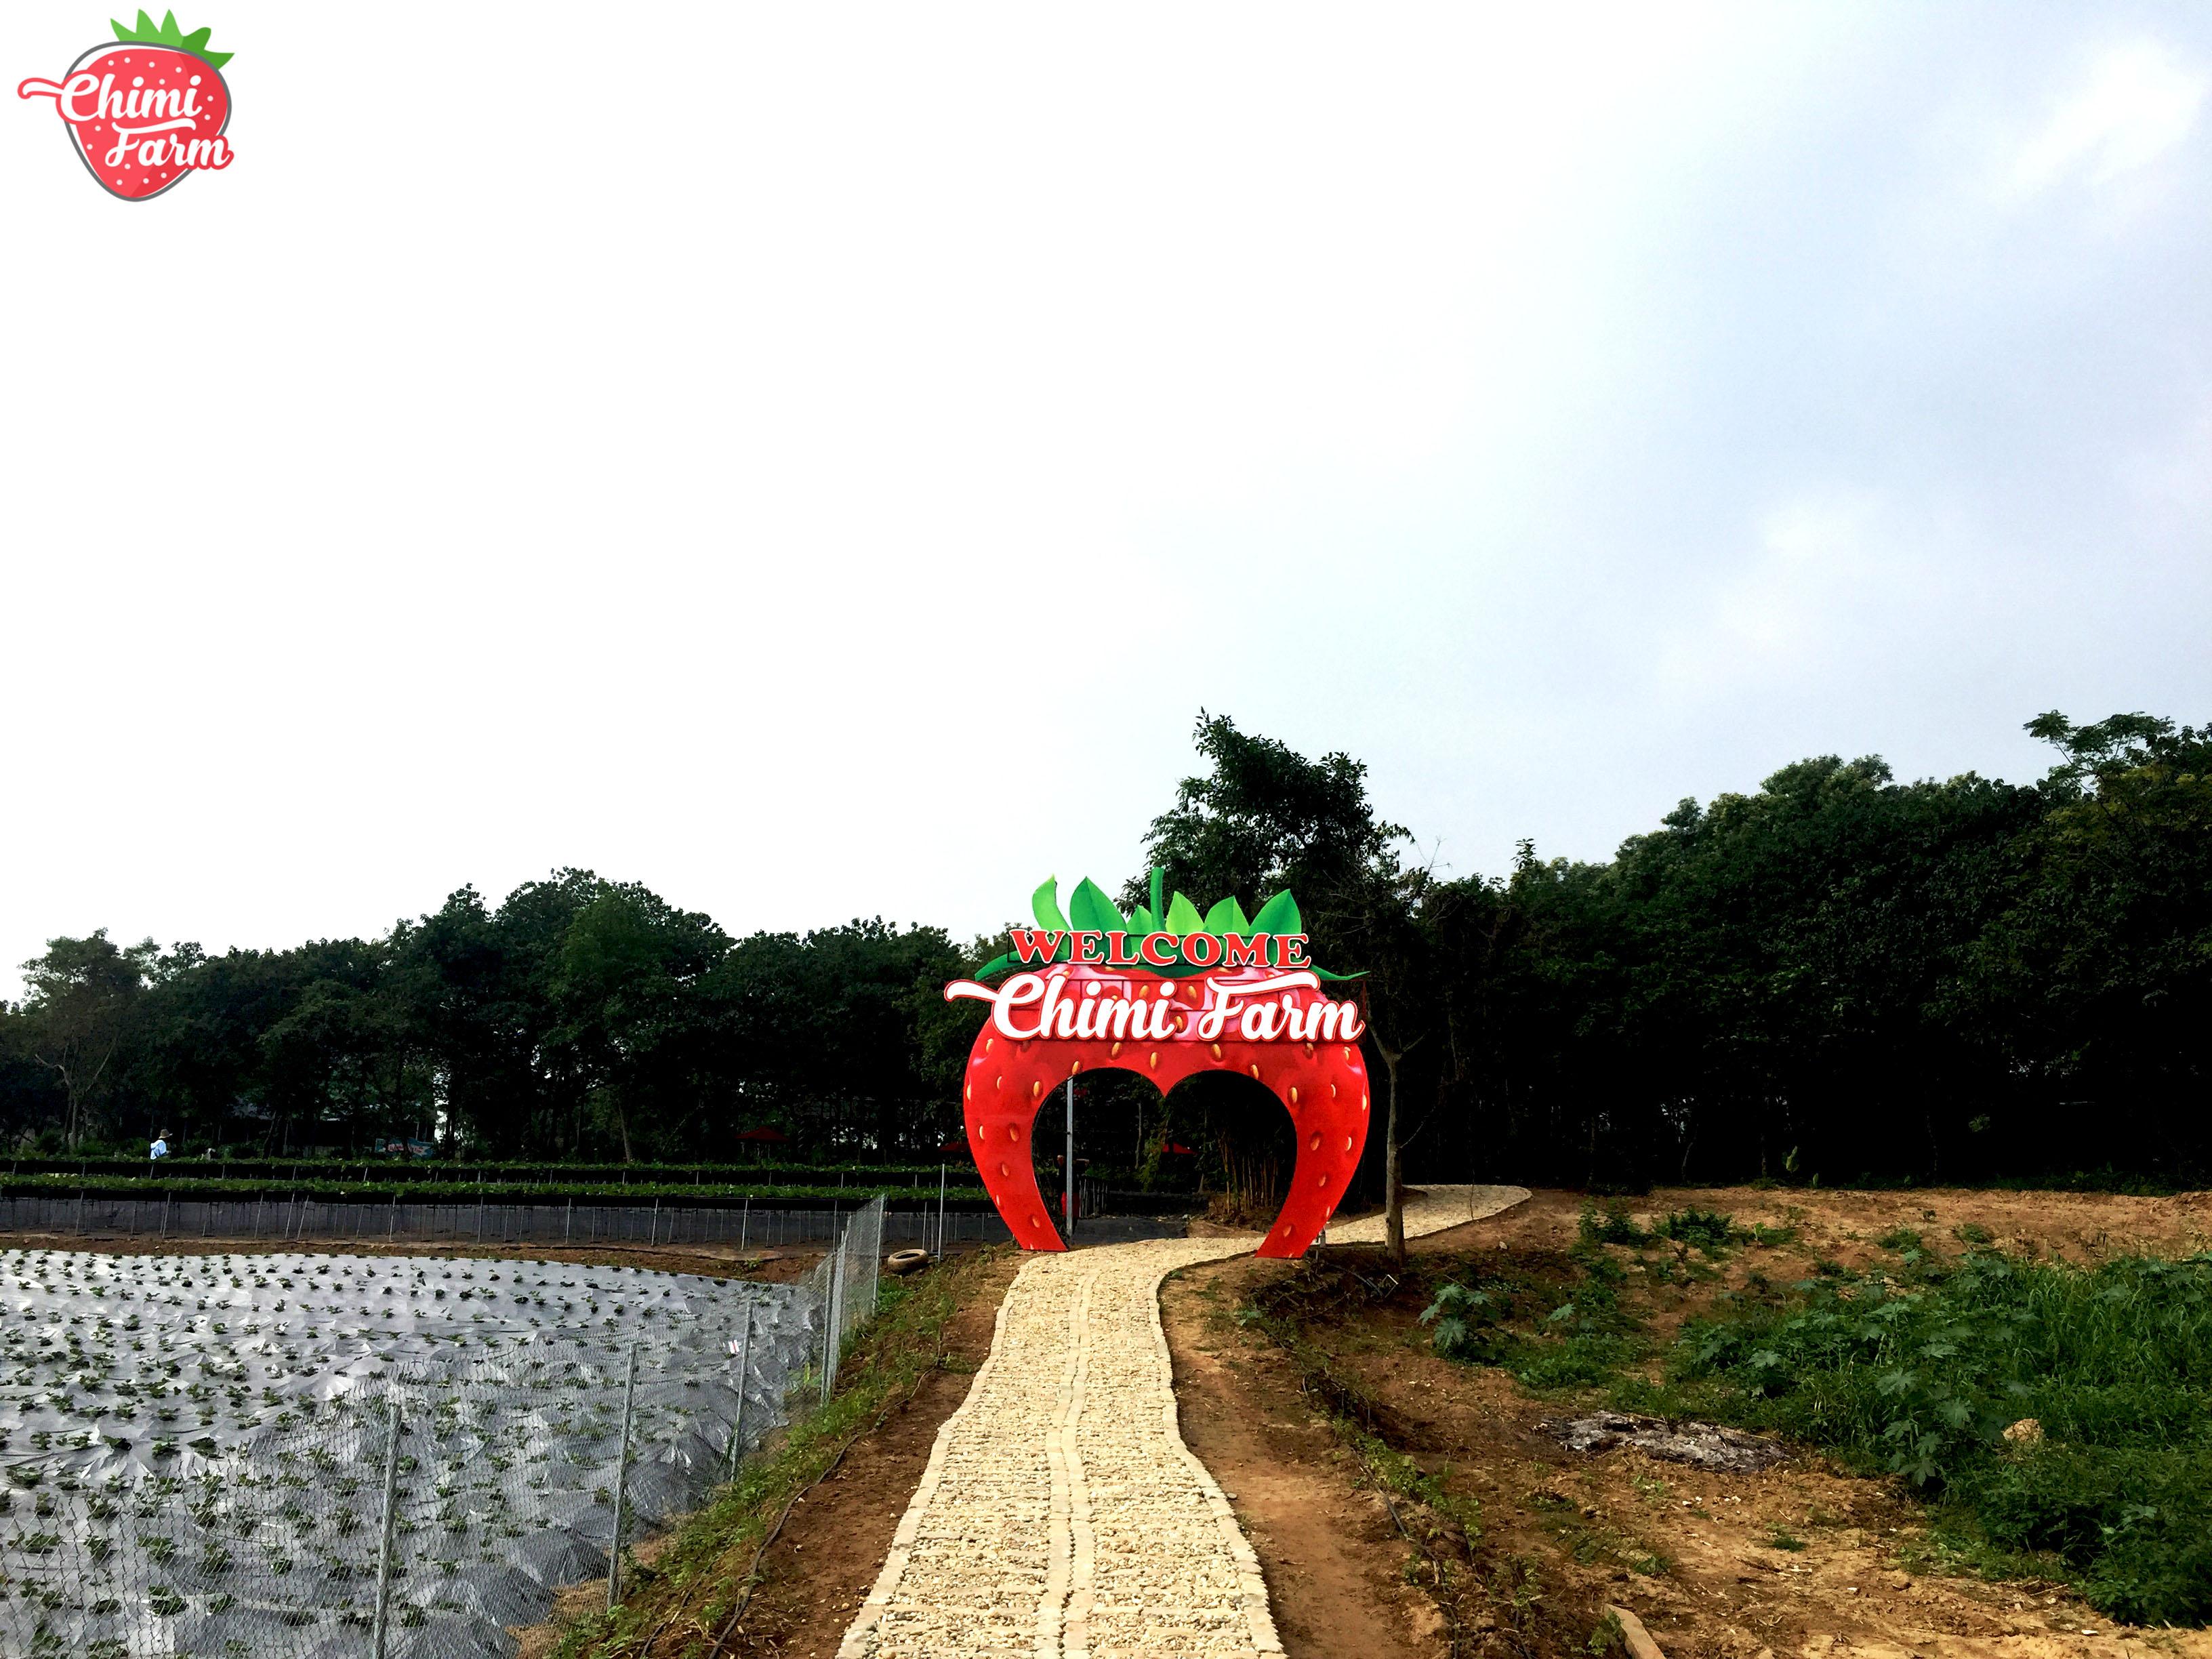 Cổng chào của trang trại dâu tây Chimi